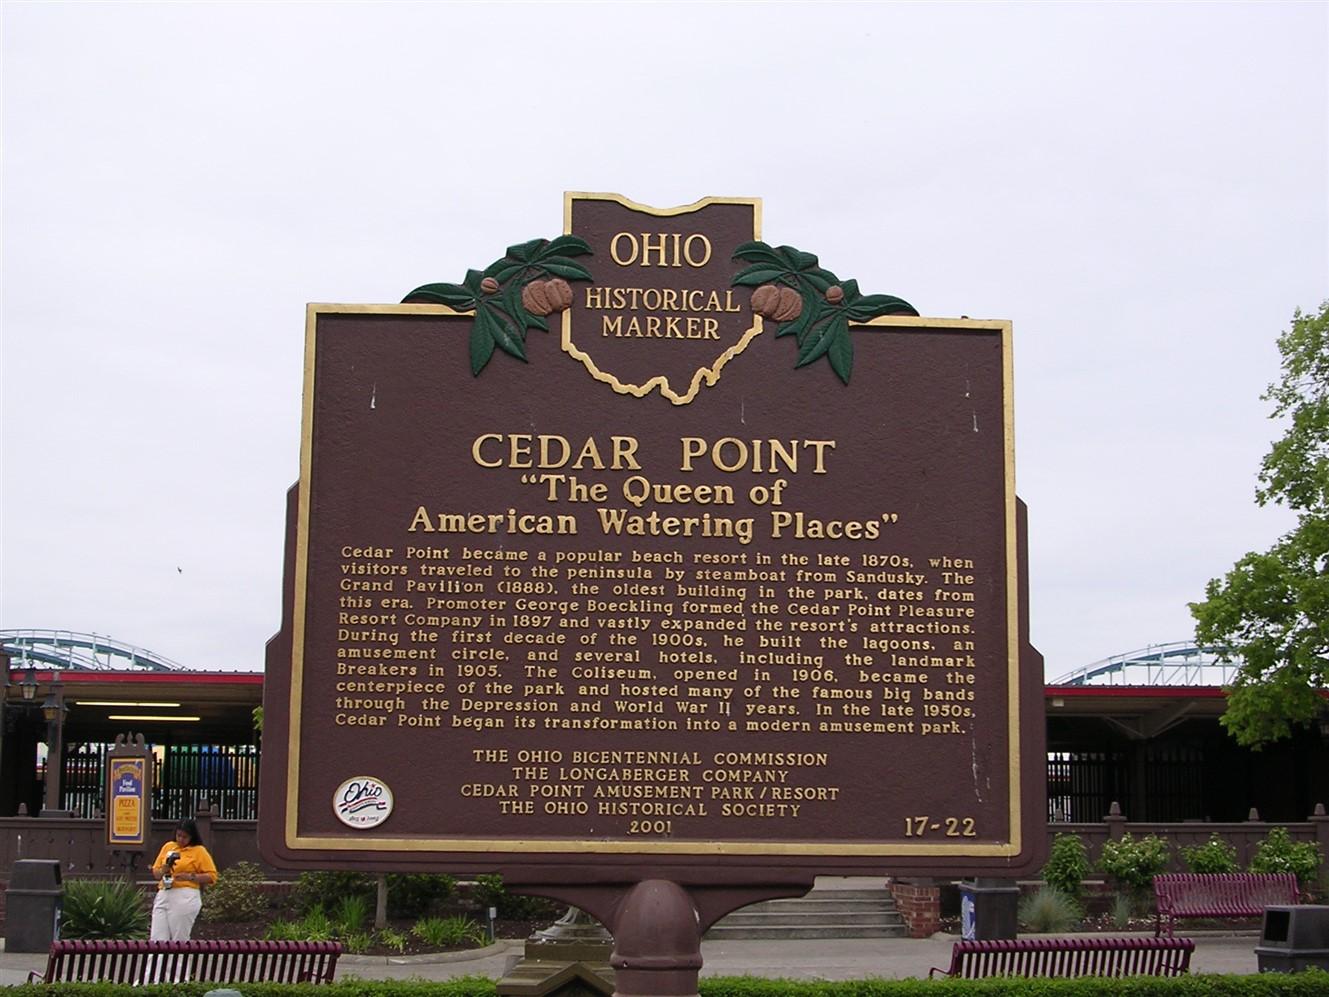 2005 06 03 Cedar Point 6.jpg